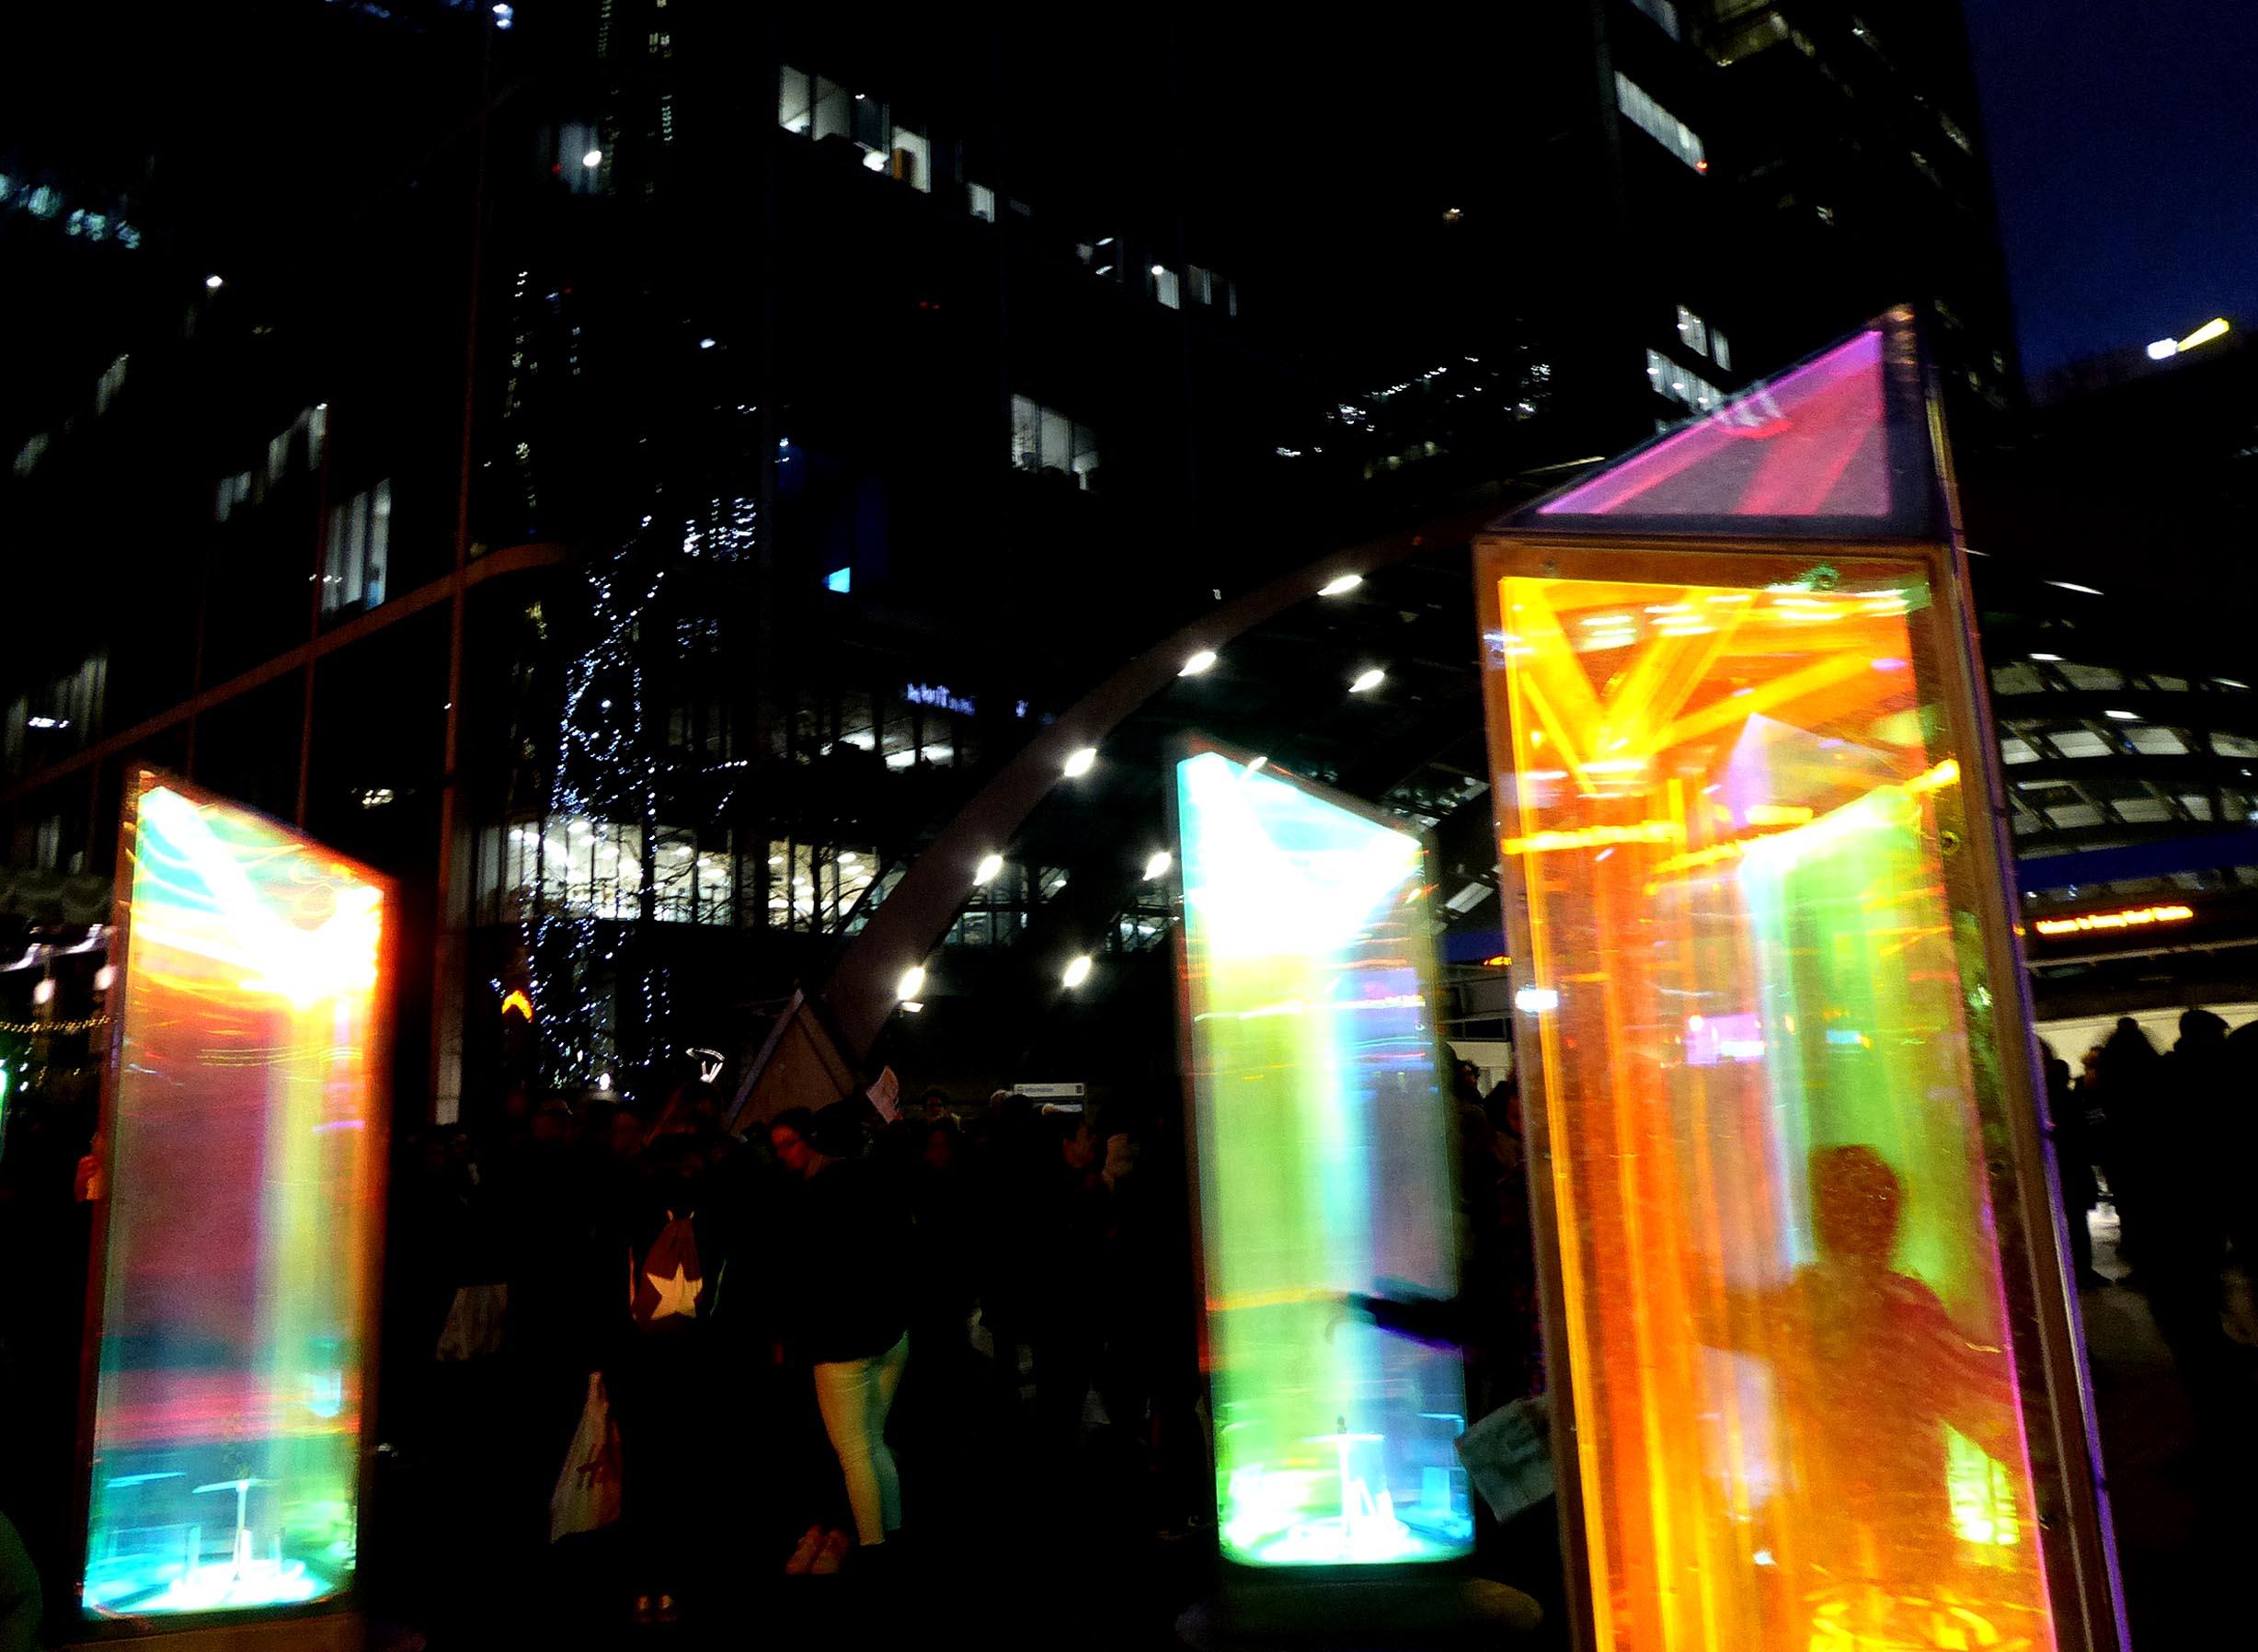 Coloured light prism shapes